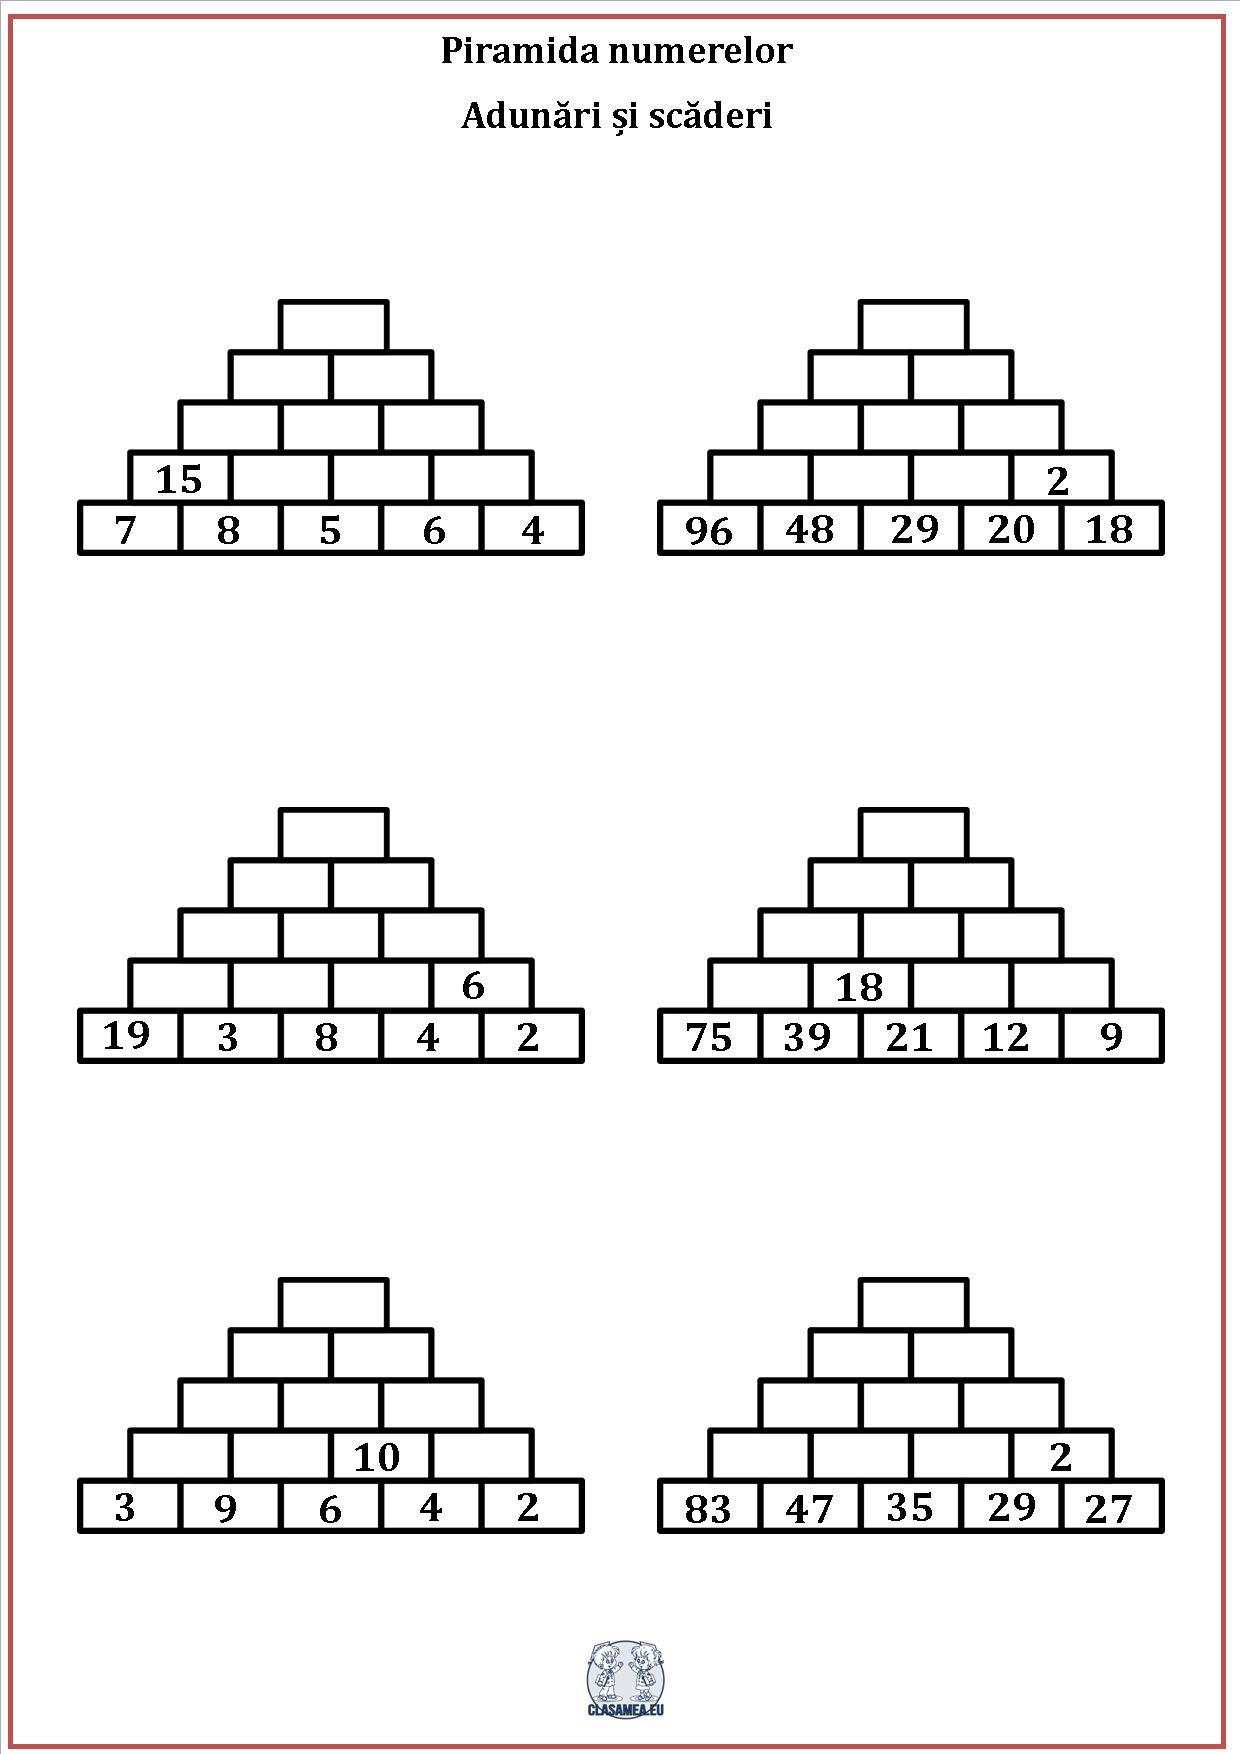 Piramida numerelor - Adunări și scăderi 1